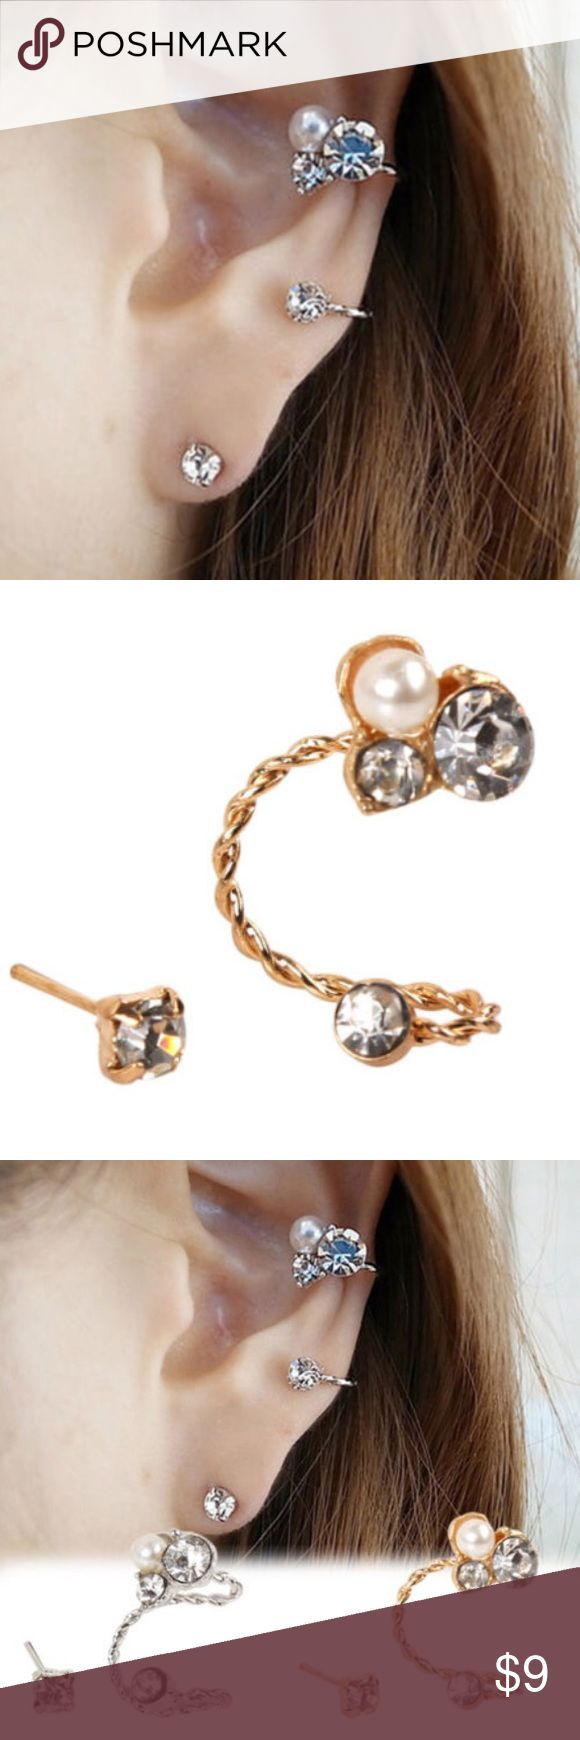 Trendy ! 2 pcs Earrings.SALE! 2 Pcs Elegant pearl clip earrings. As seen in second picture. Already lowered !gold tone. Jewelry Earrings